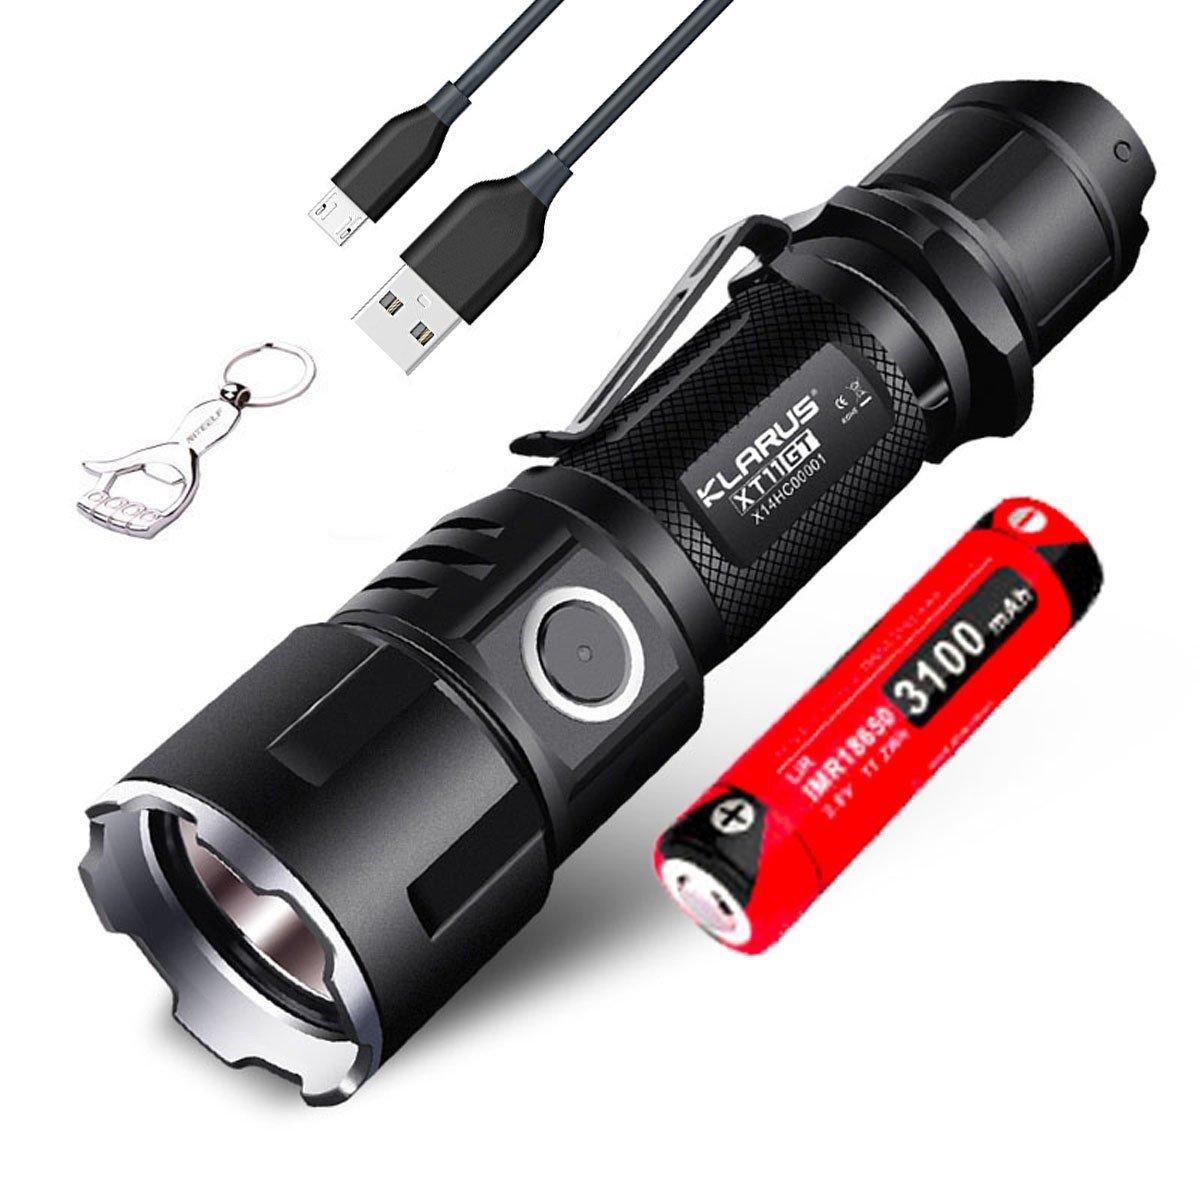 KLARUS XT11GT Taschenlampe LED Super Helle Mit Akku 2000 Lumen Micro-USB Wiederaufladbare Taktische Taschenlampen Military Grade